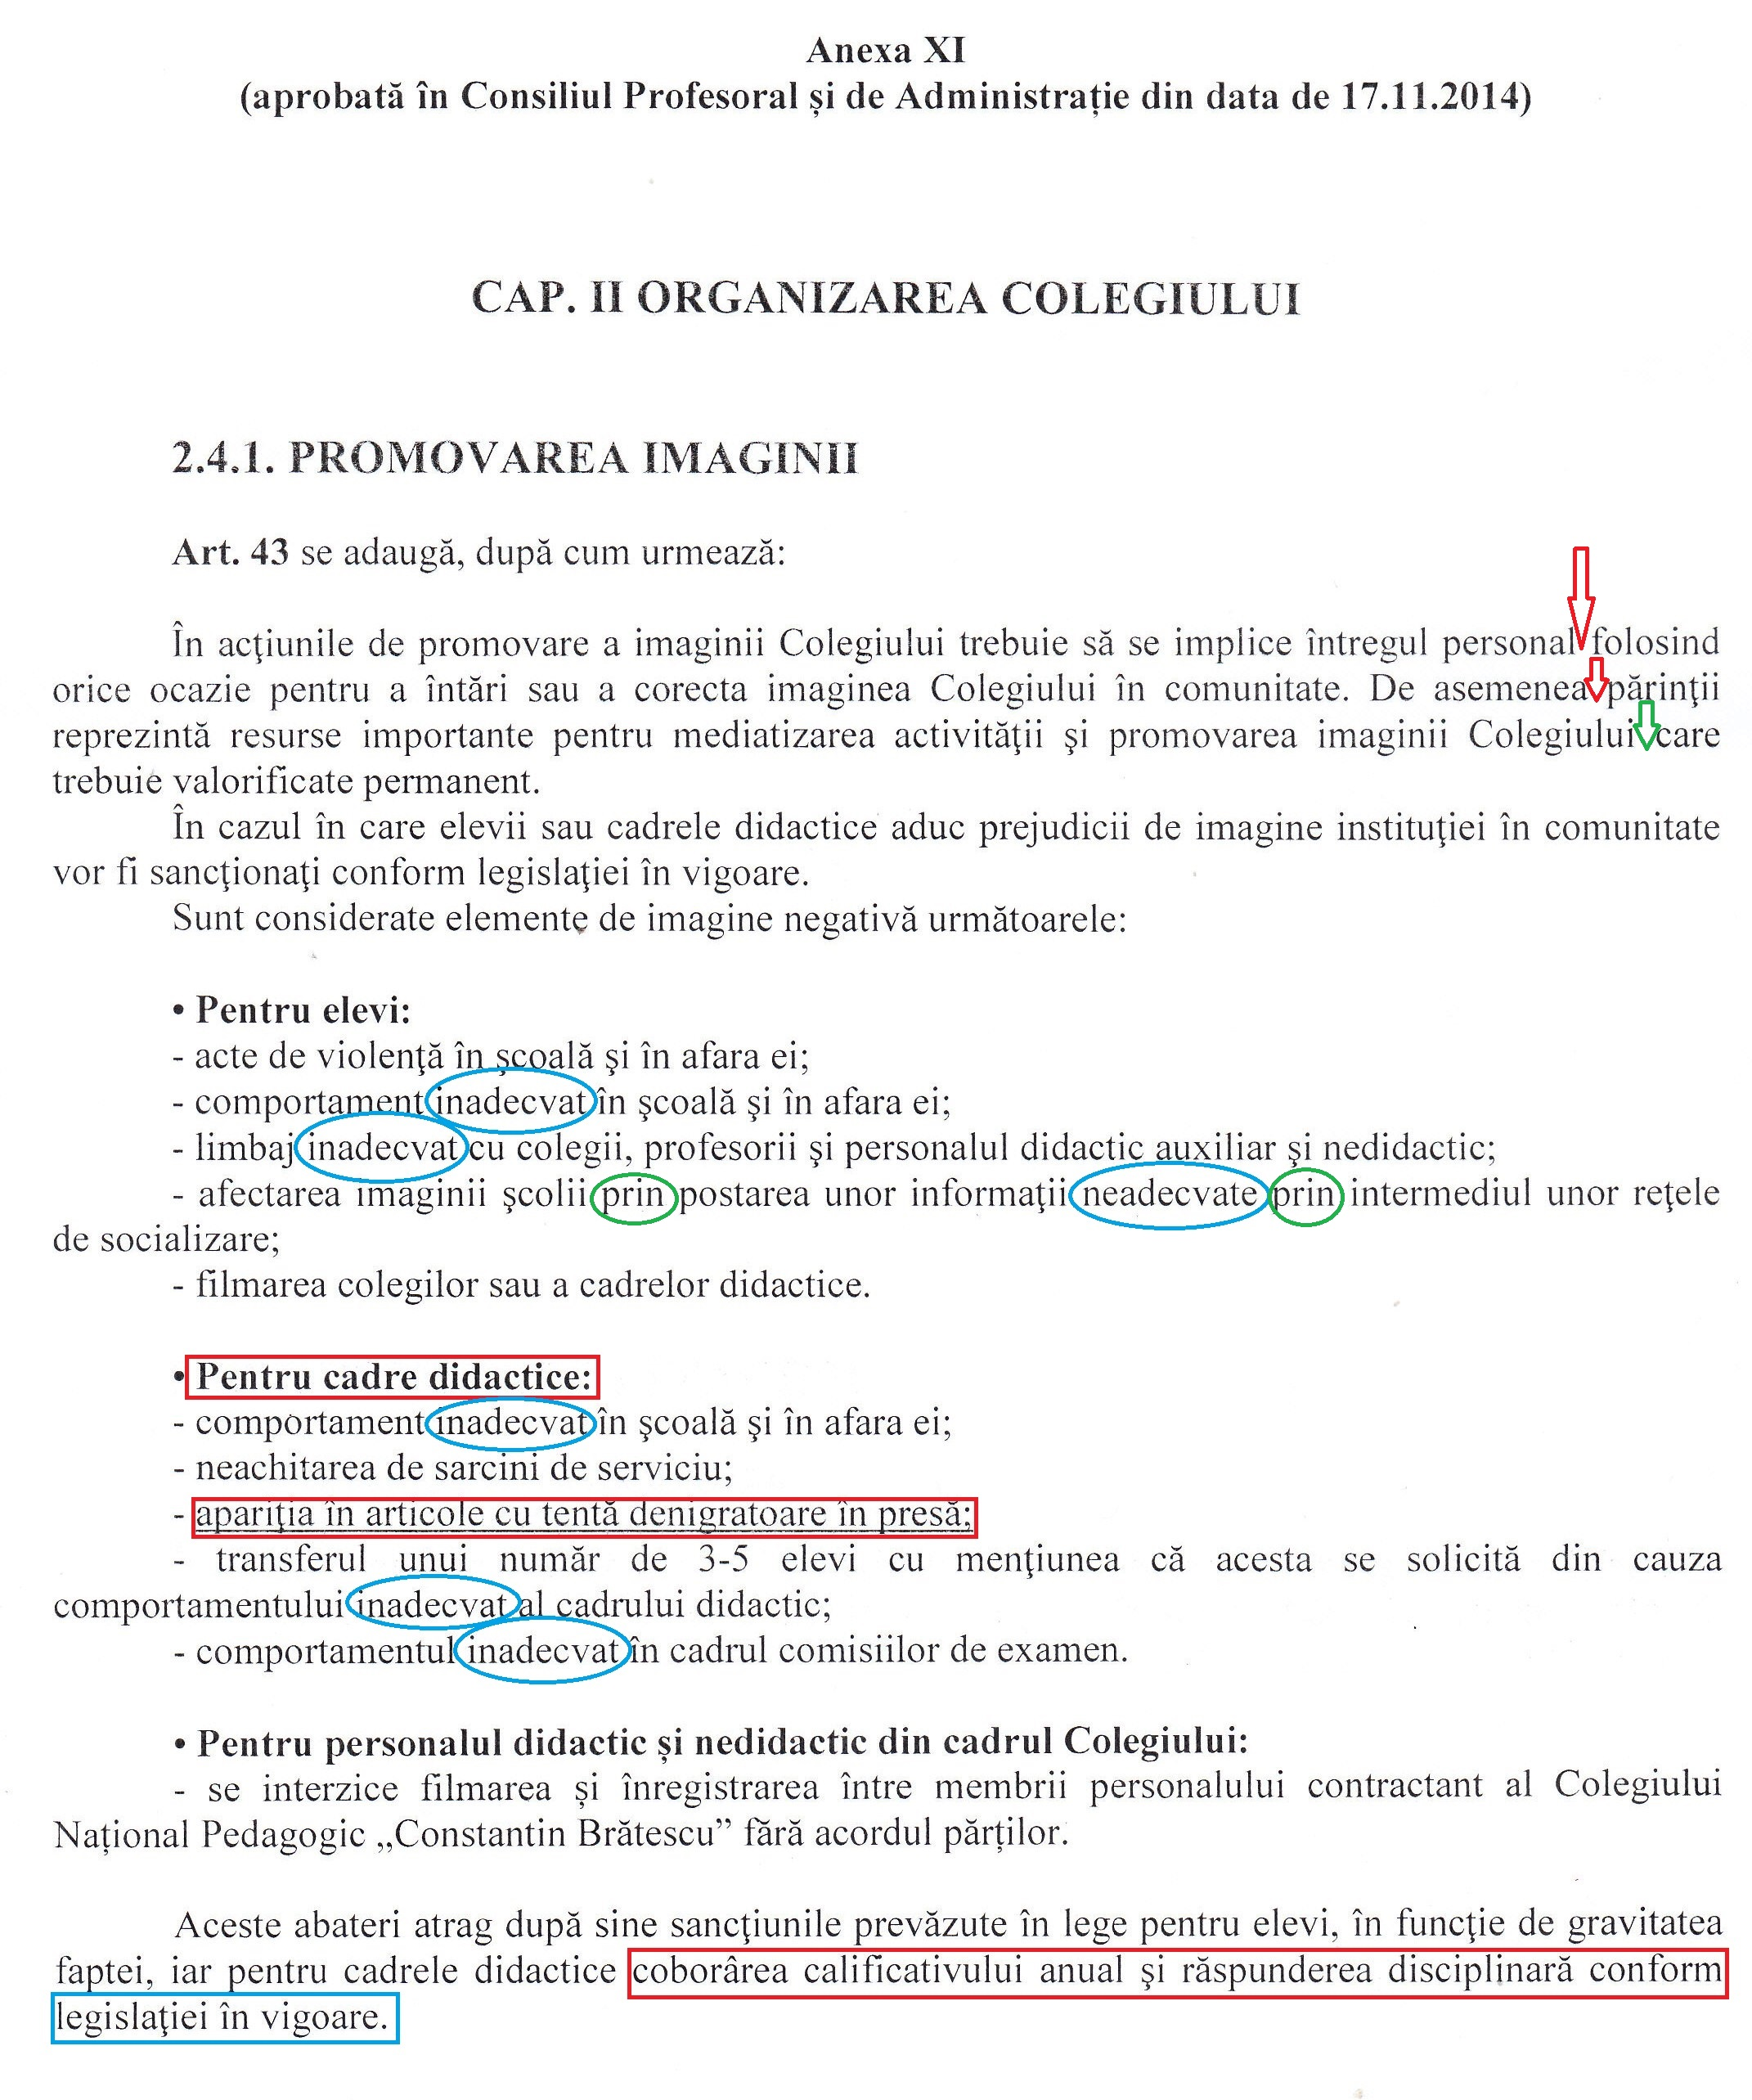 Anexa XI din Regulamentul de Ordine Interioară al Colegiului Național Pedagogic Constanța abundă în greșeli.